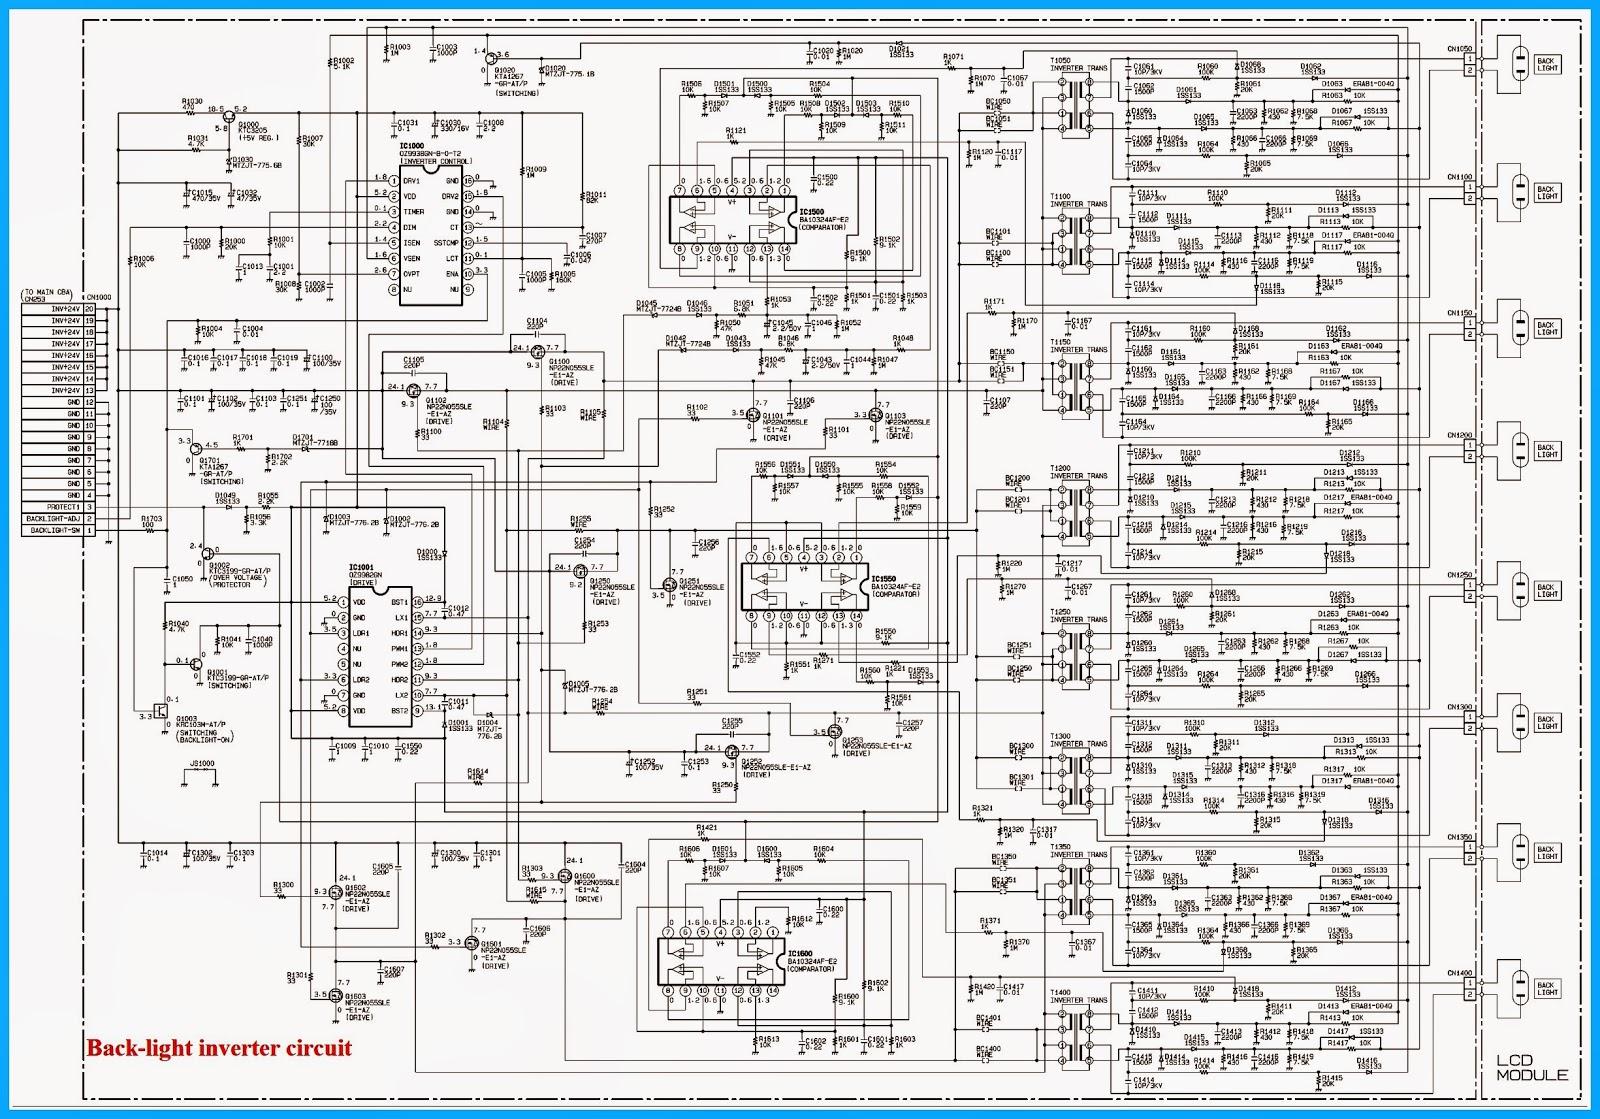 Sylvania Lct6637 - Service Mode